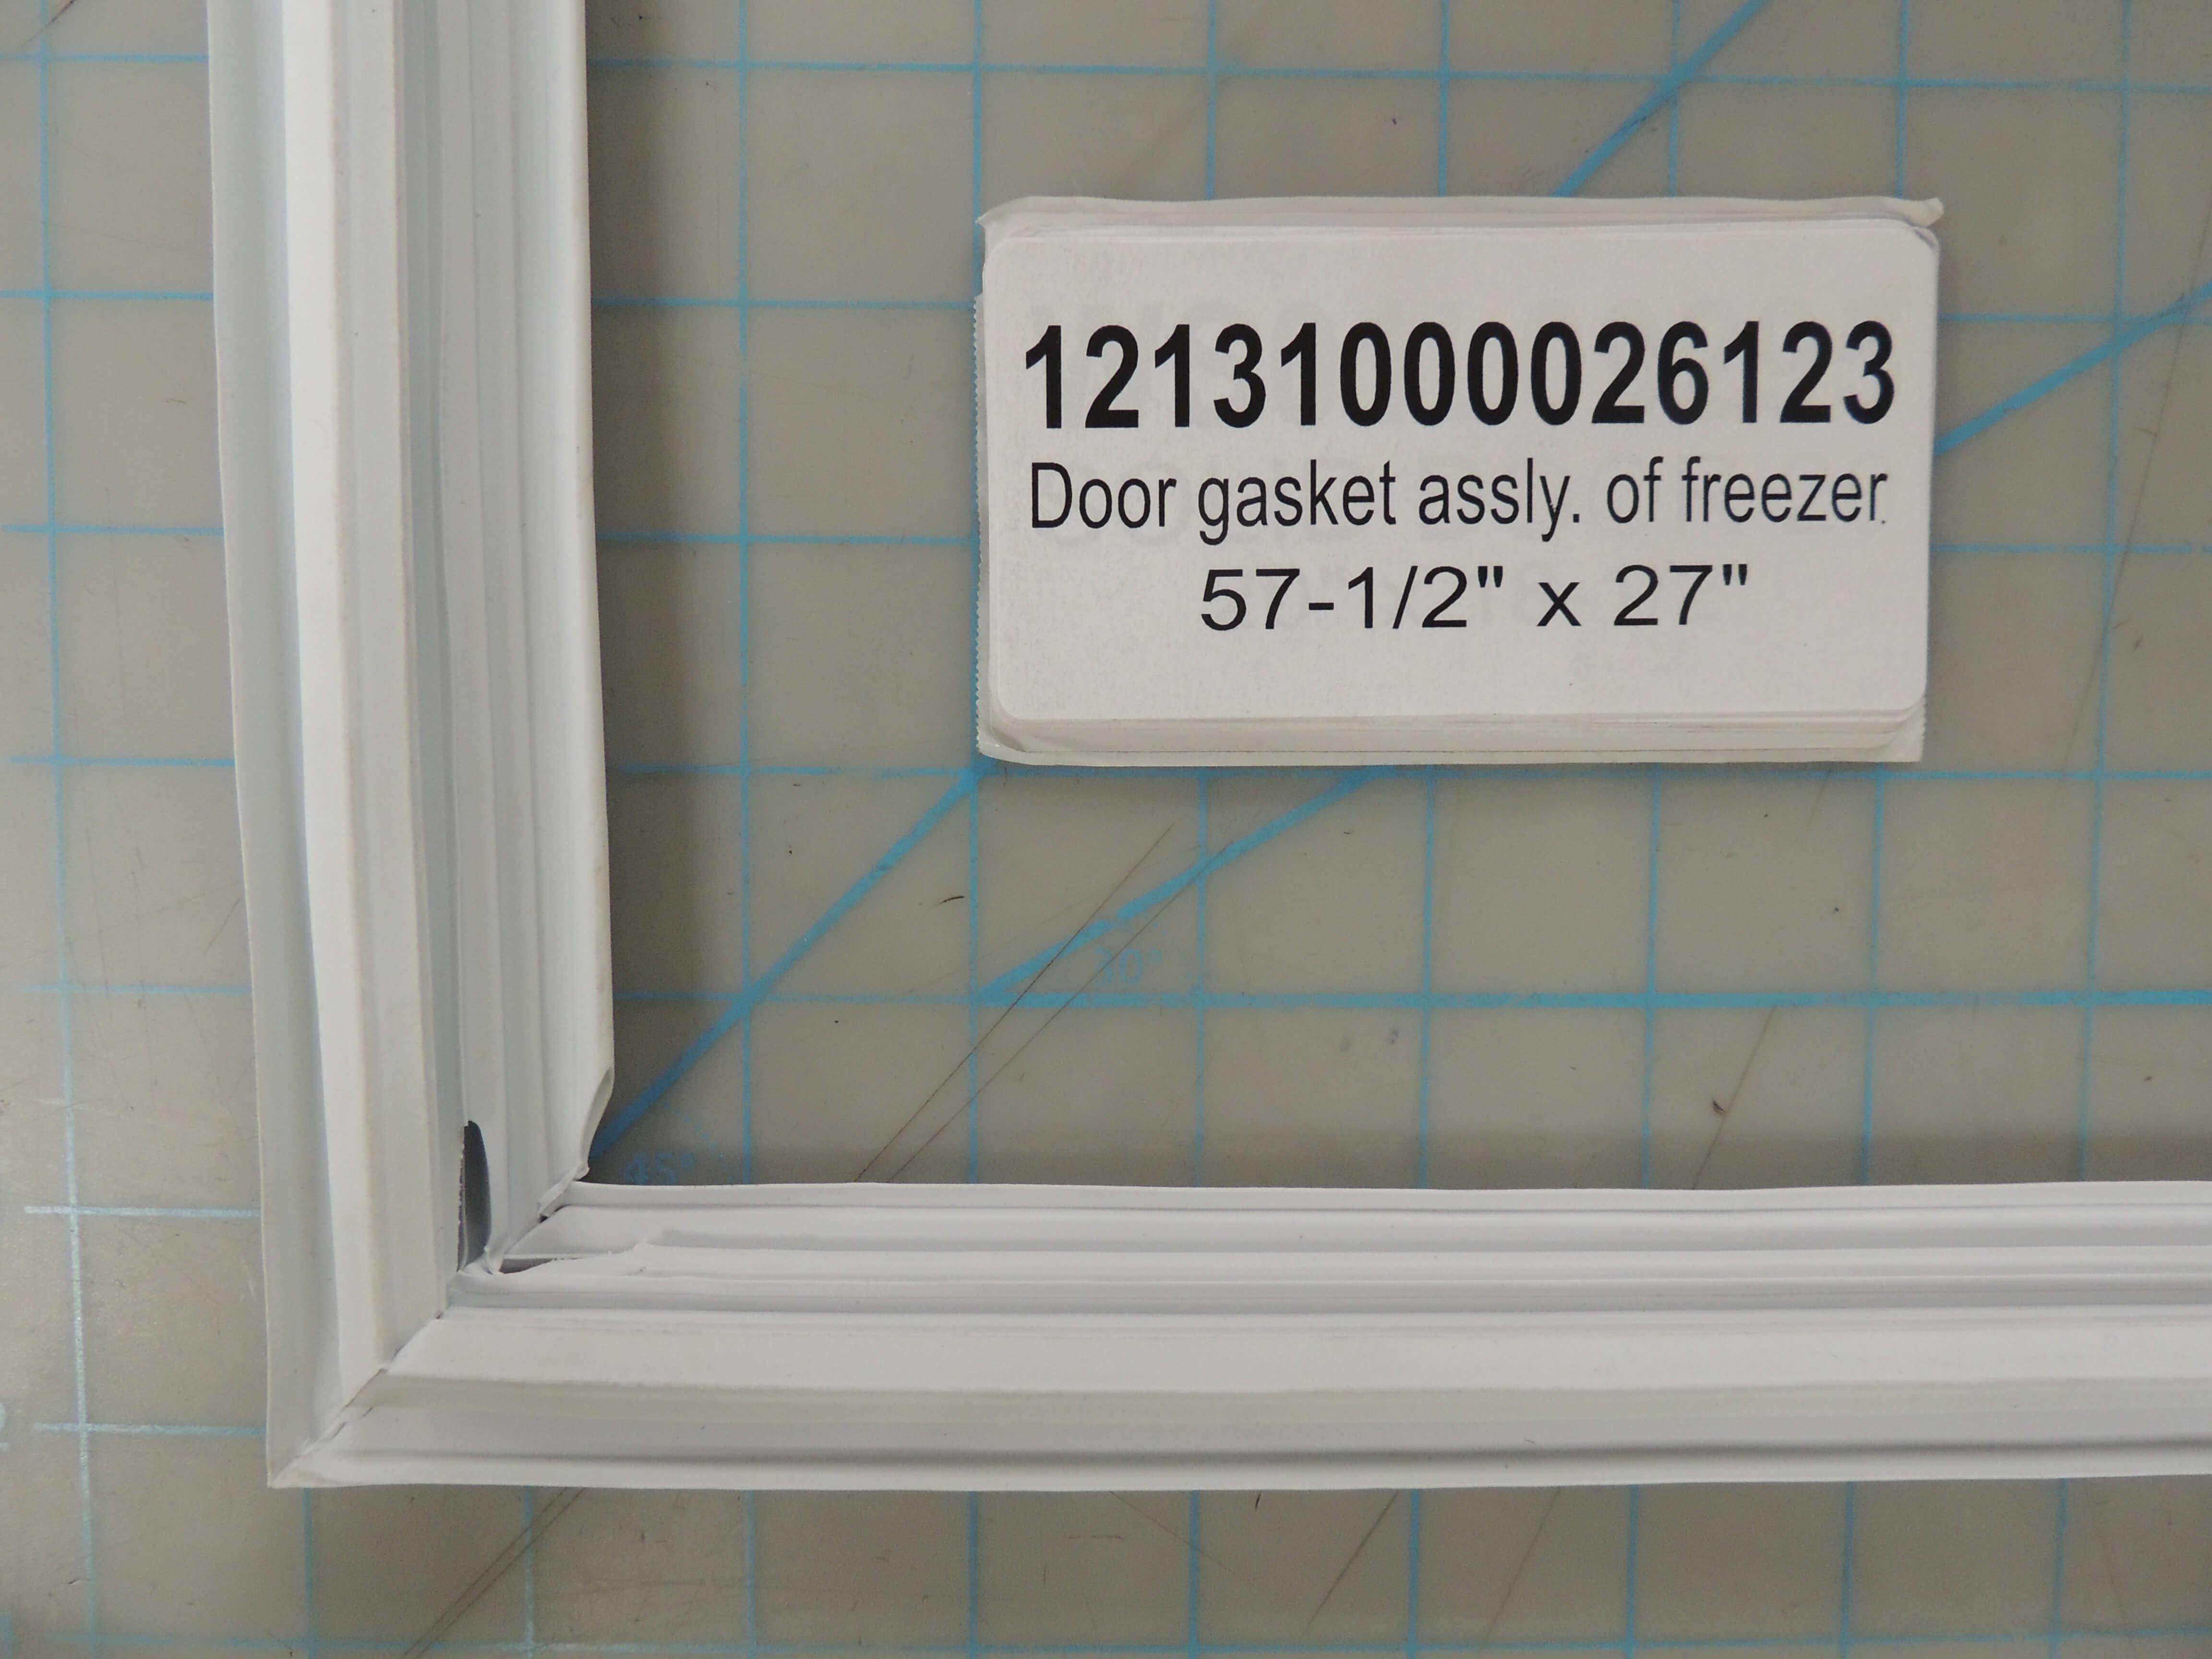 Door gasket assly. of freezer